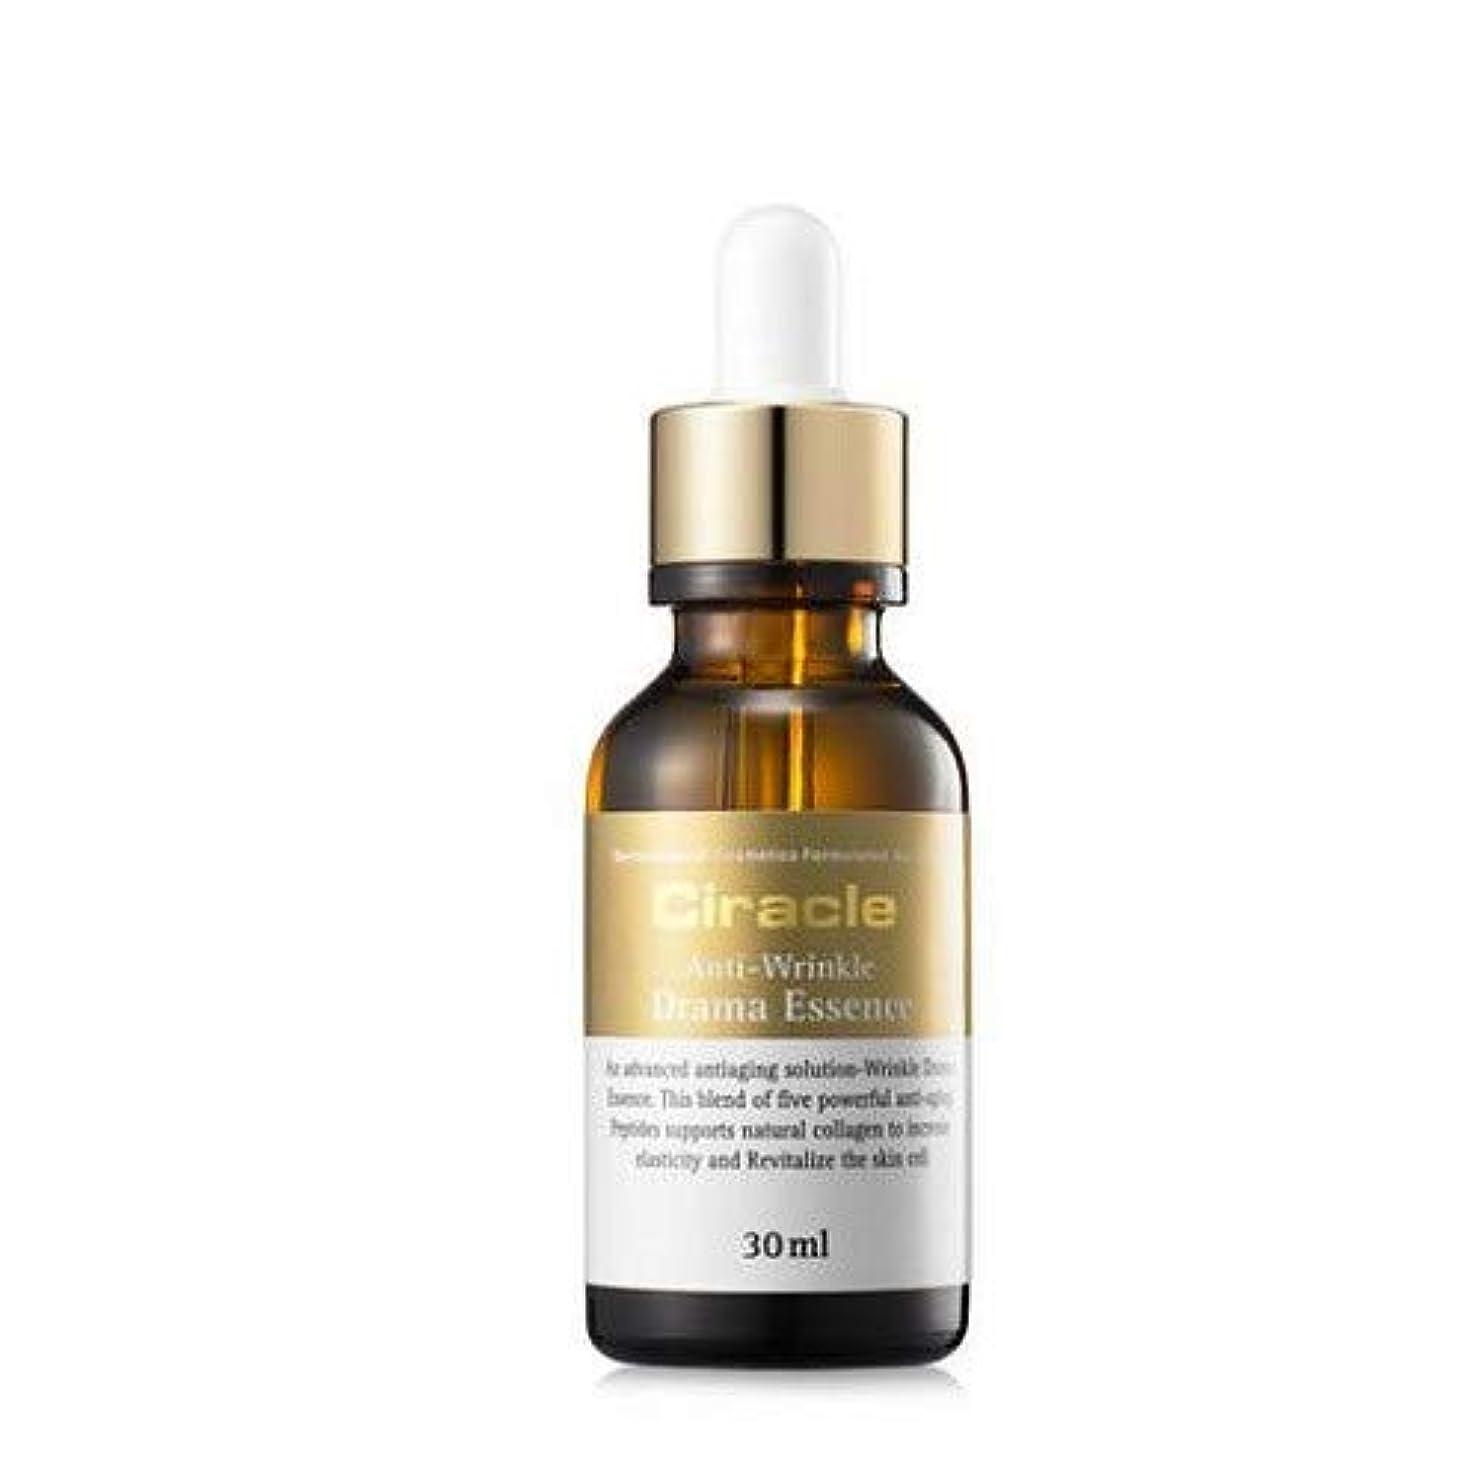 バトルビスケット基礎Ciracle シラクル アンチ リンクル ドラマ エッセンス 保湿効果 栄養供給 敏感肌 乾燥肌 アンチエイジング 美容液